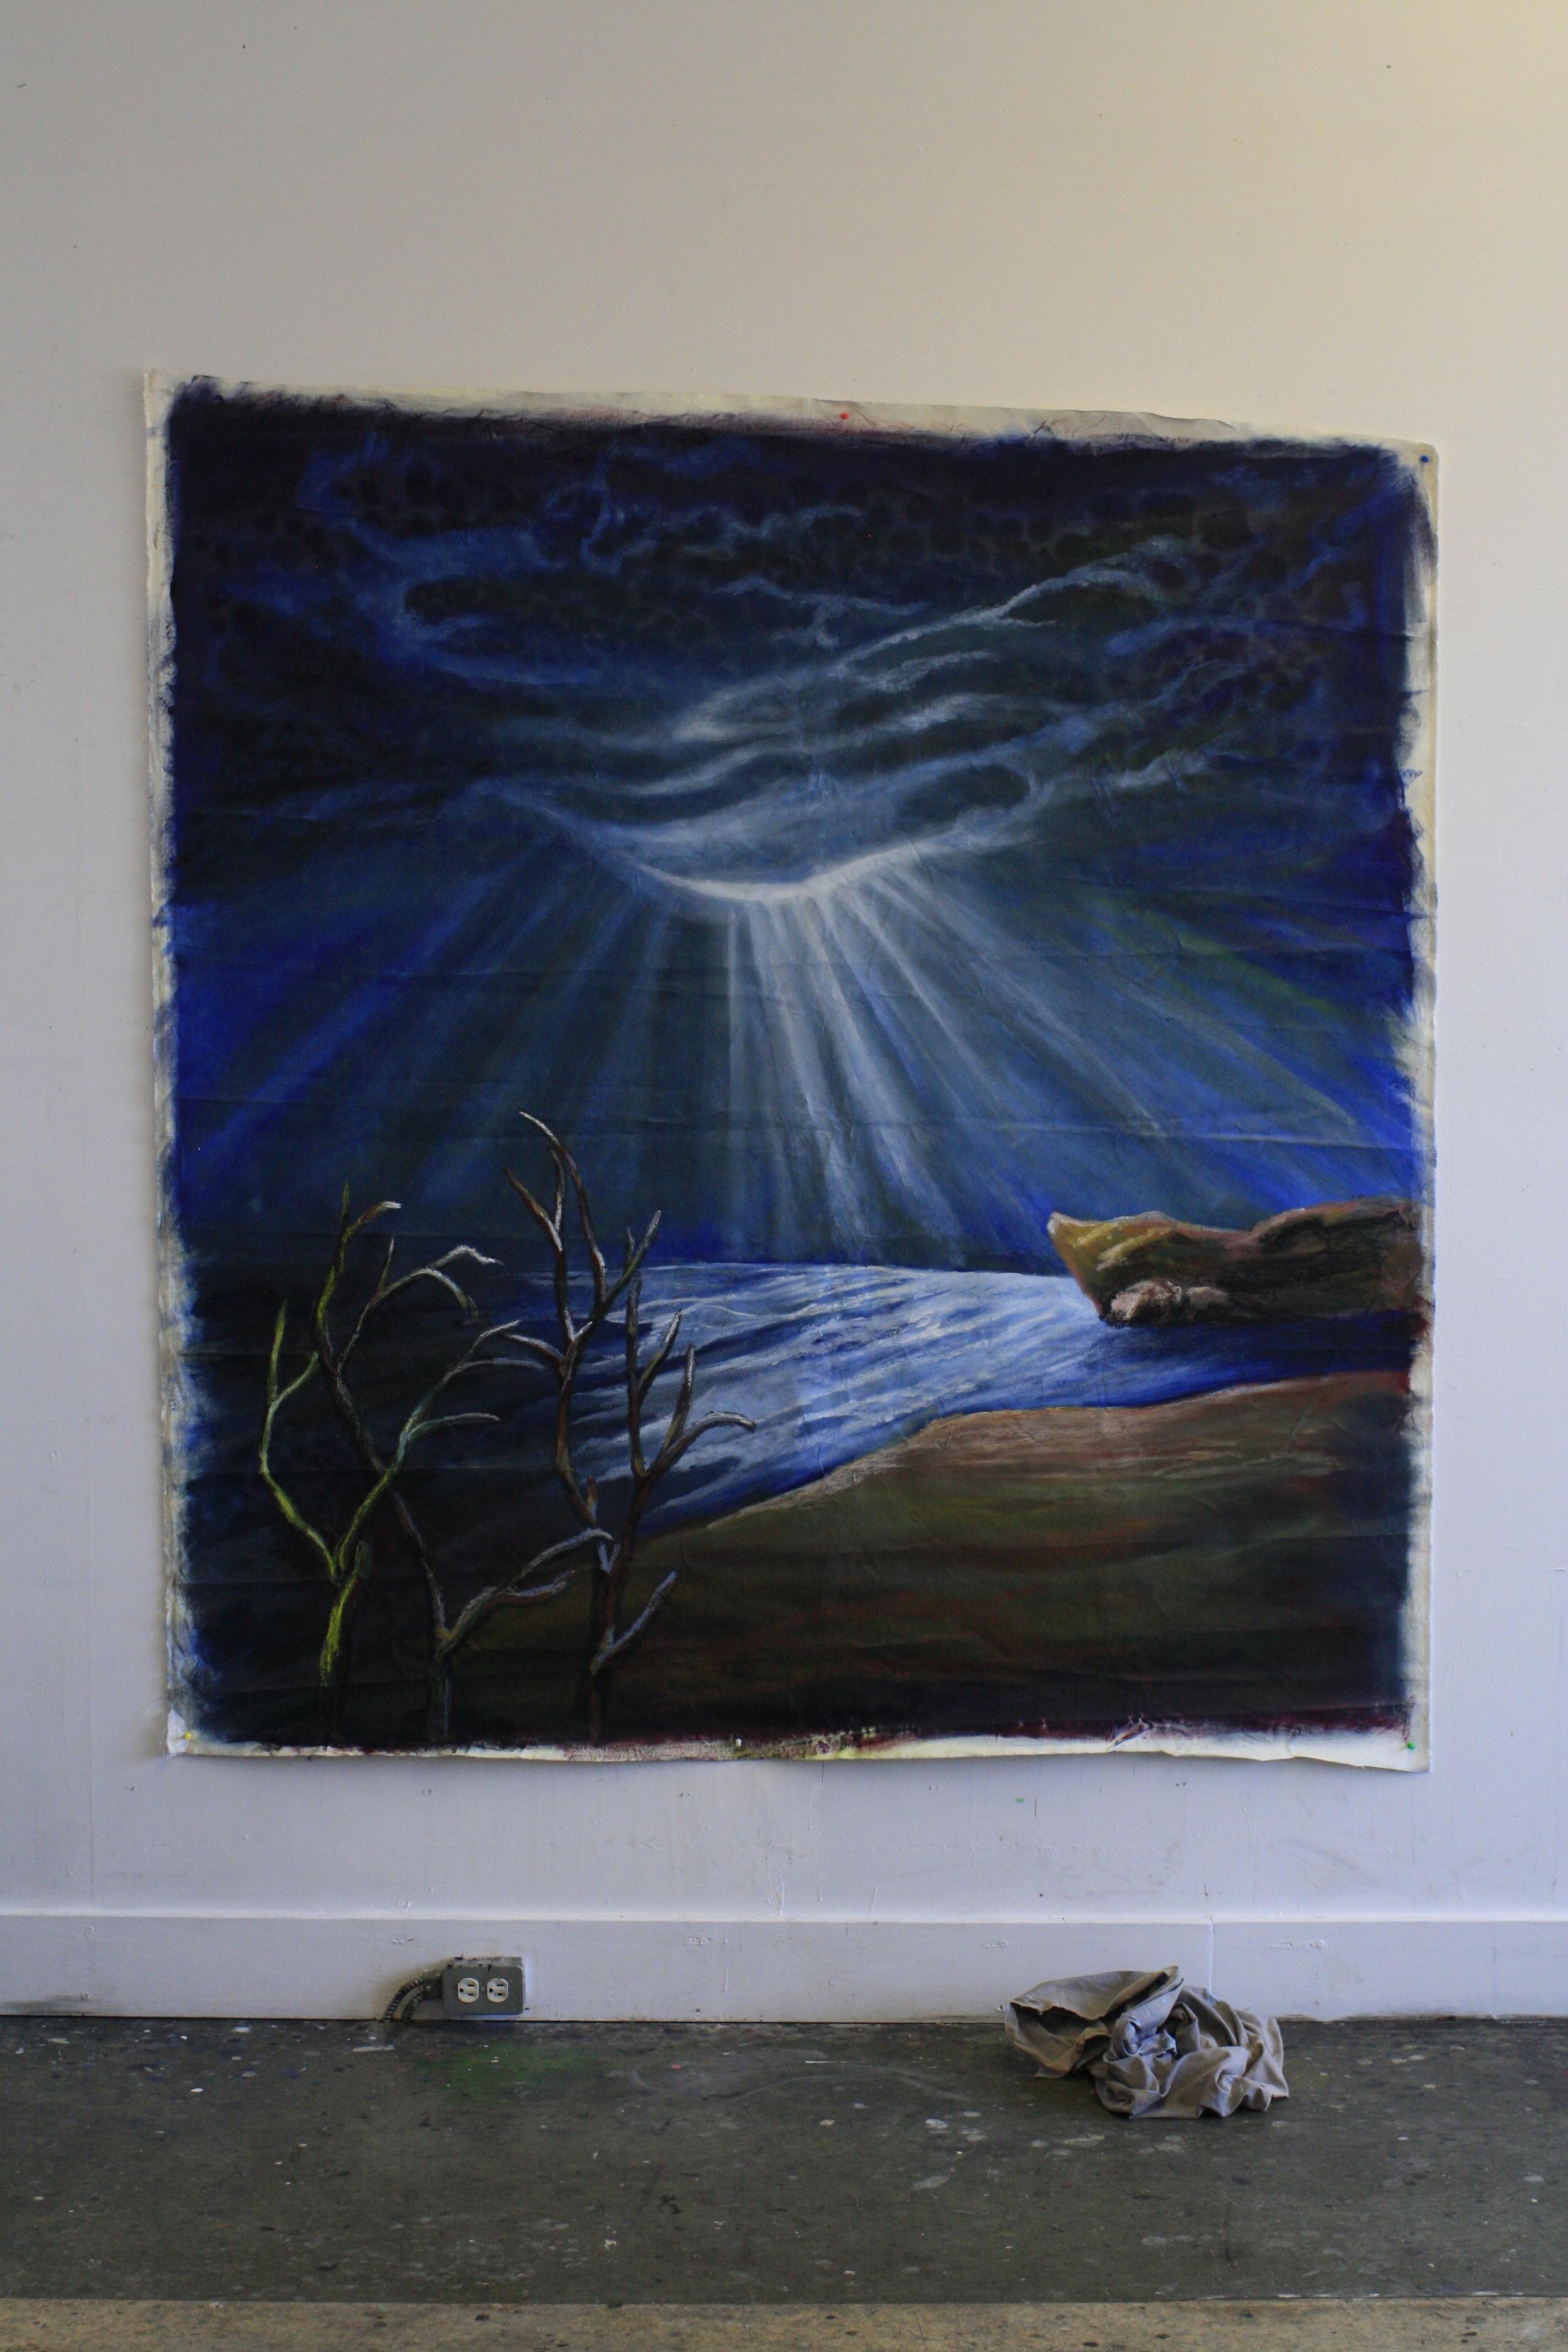 Trash-Can Carmichael - Oil on Canvass.  6'x6' $1200